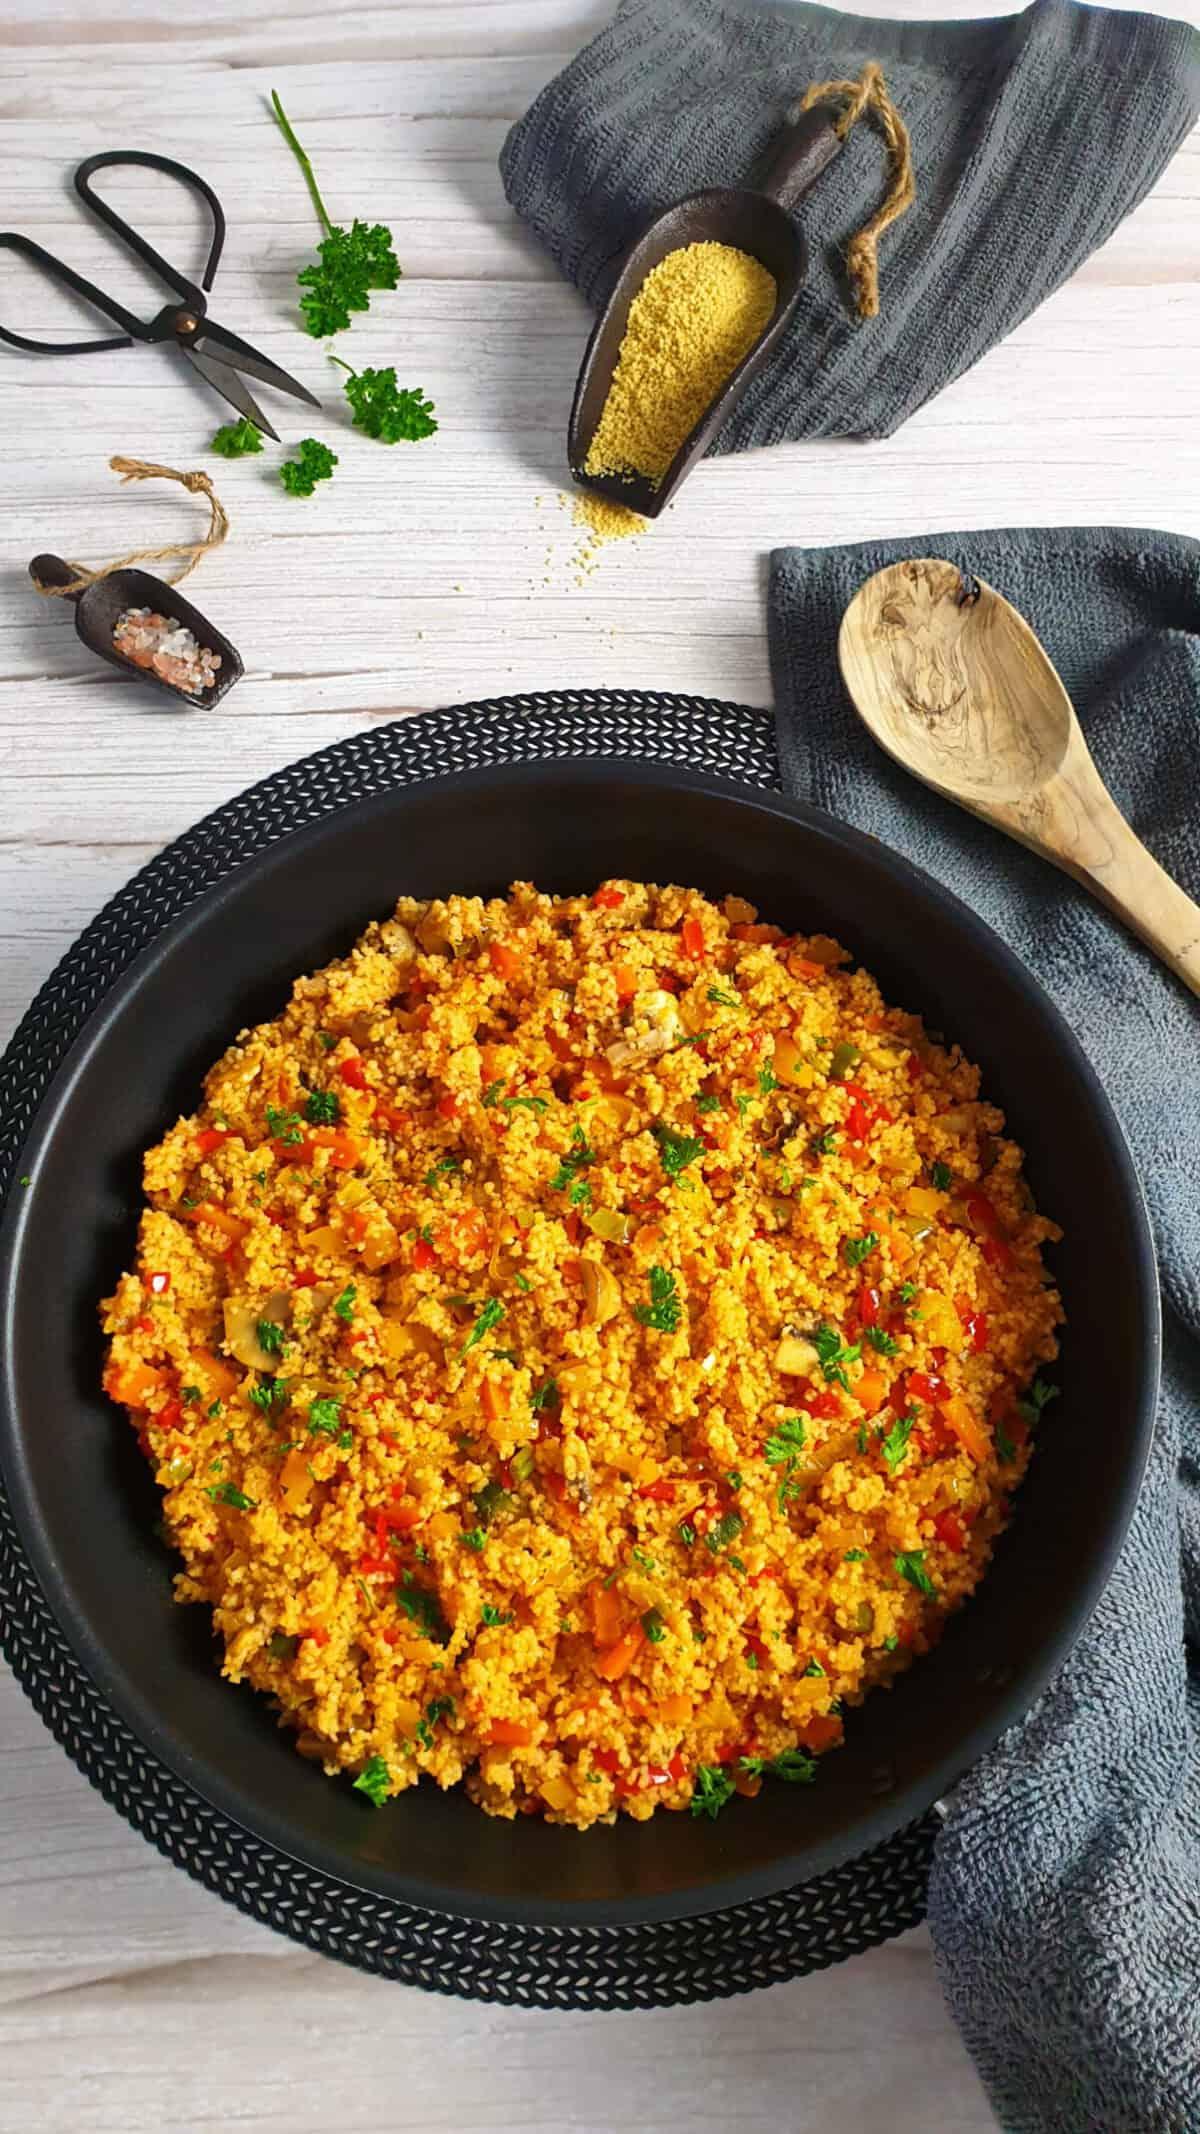 In einer Pfanne eine vegetarische Couscous Pfanne mit Gemüse, bestreut mit Petersilie. Im Hintergrund Deko,